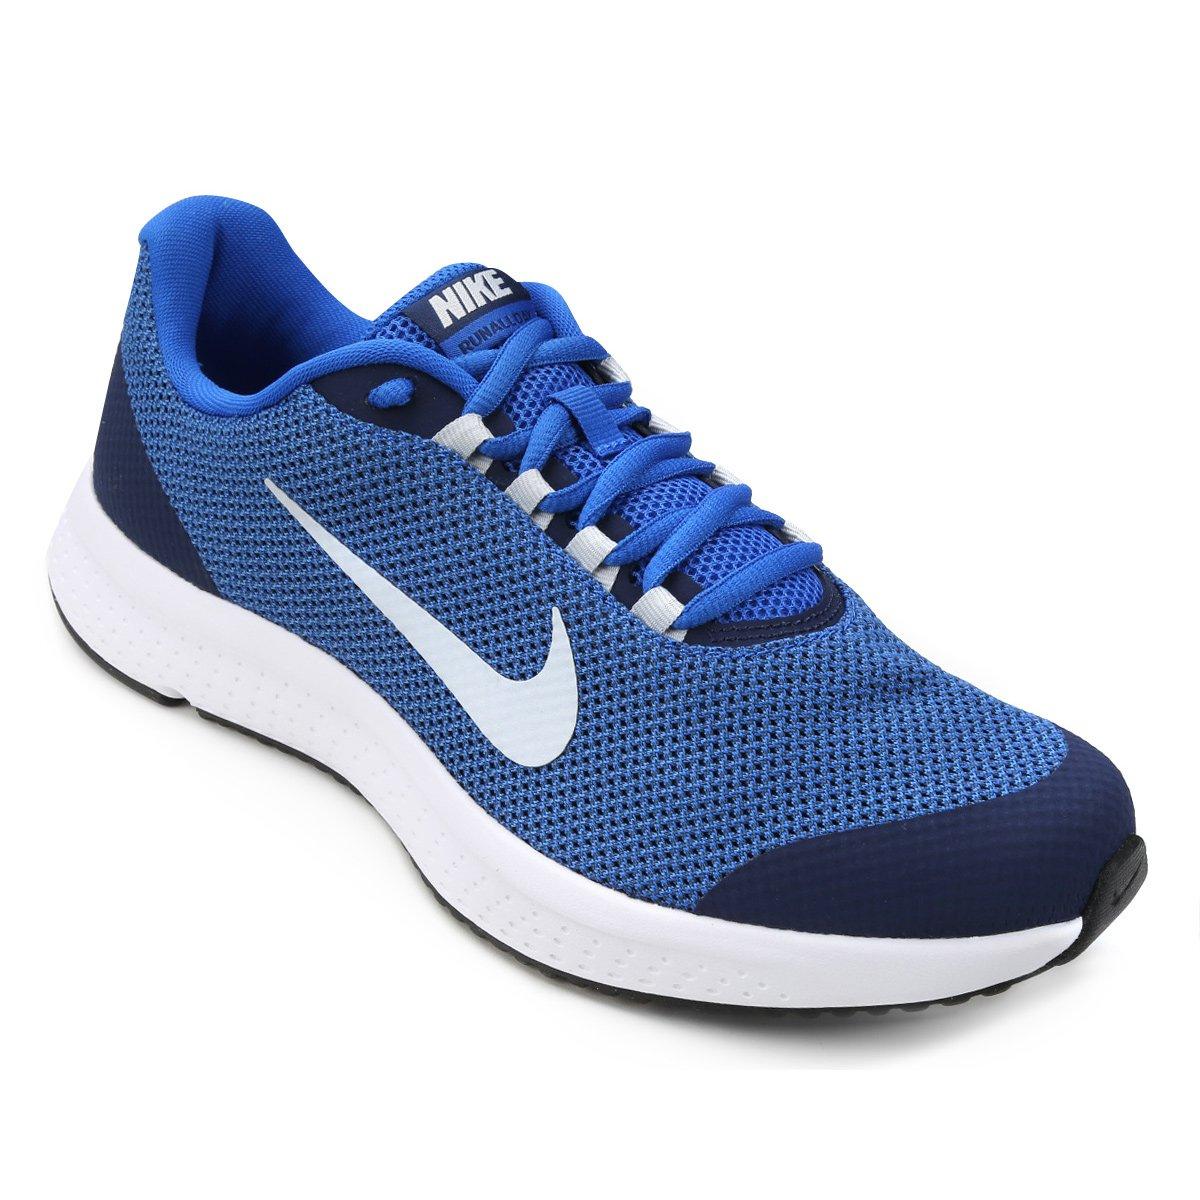 Tênis Nike Runallday Masculino - Preto e Azul - Compre Agora  7b602f12df5